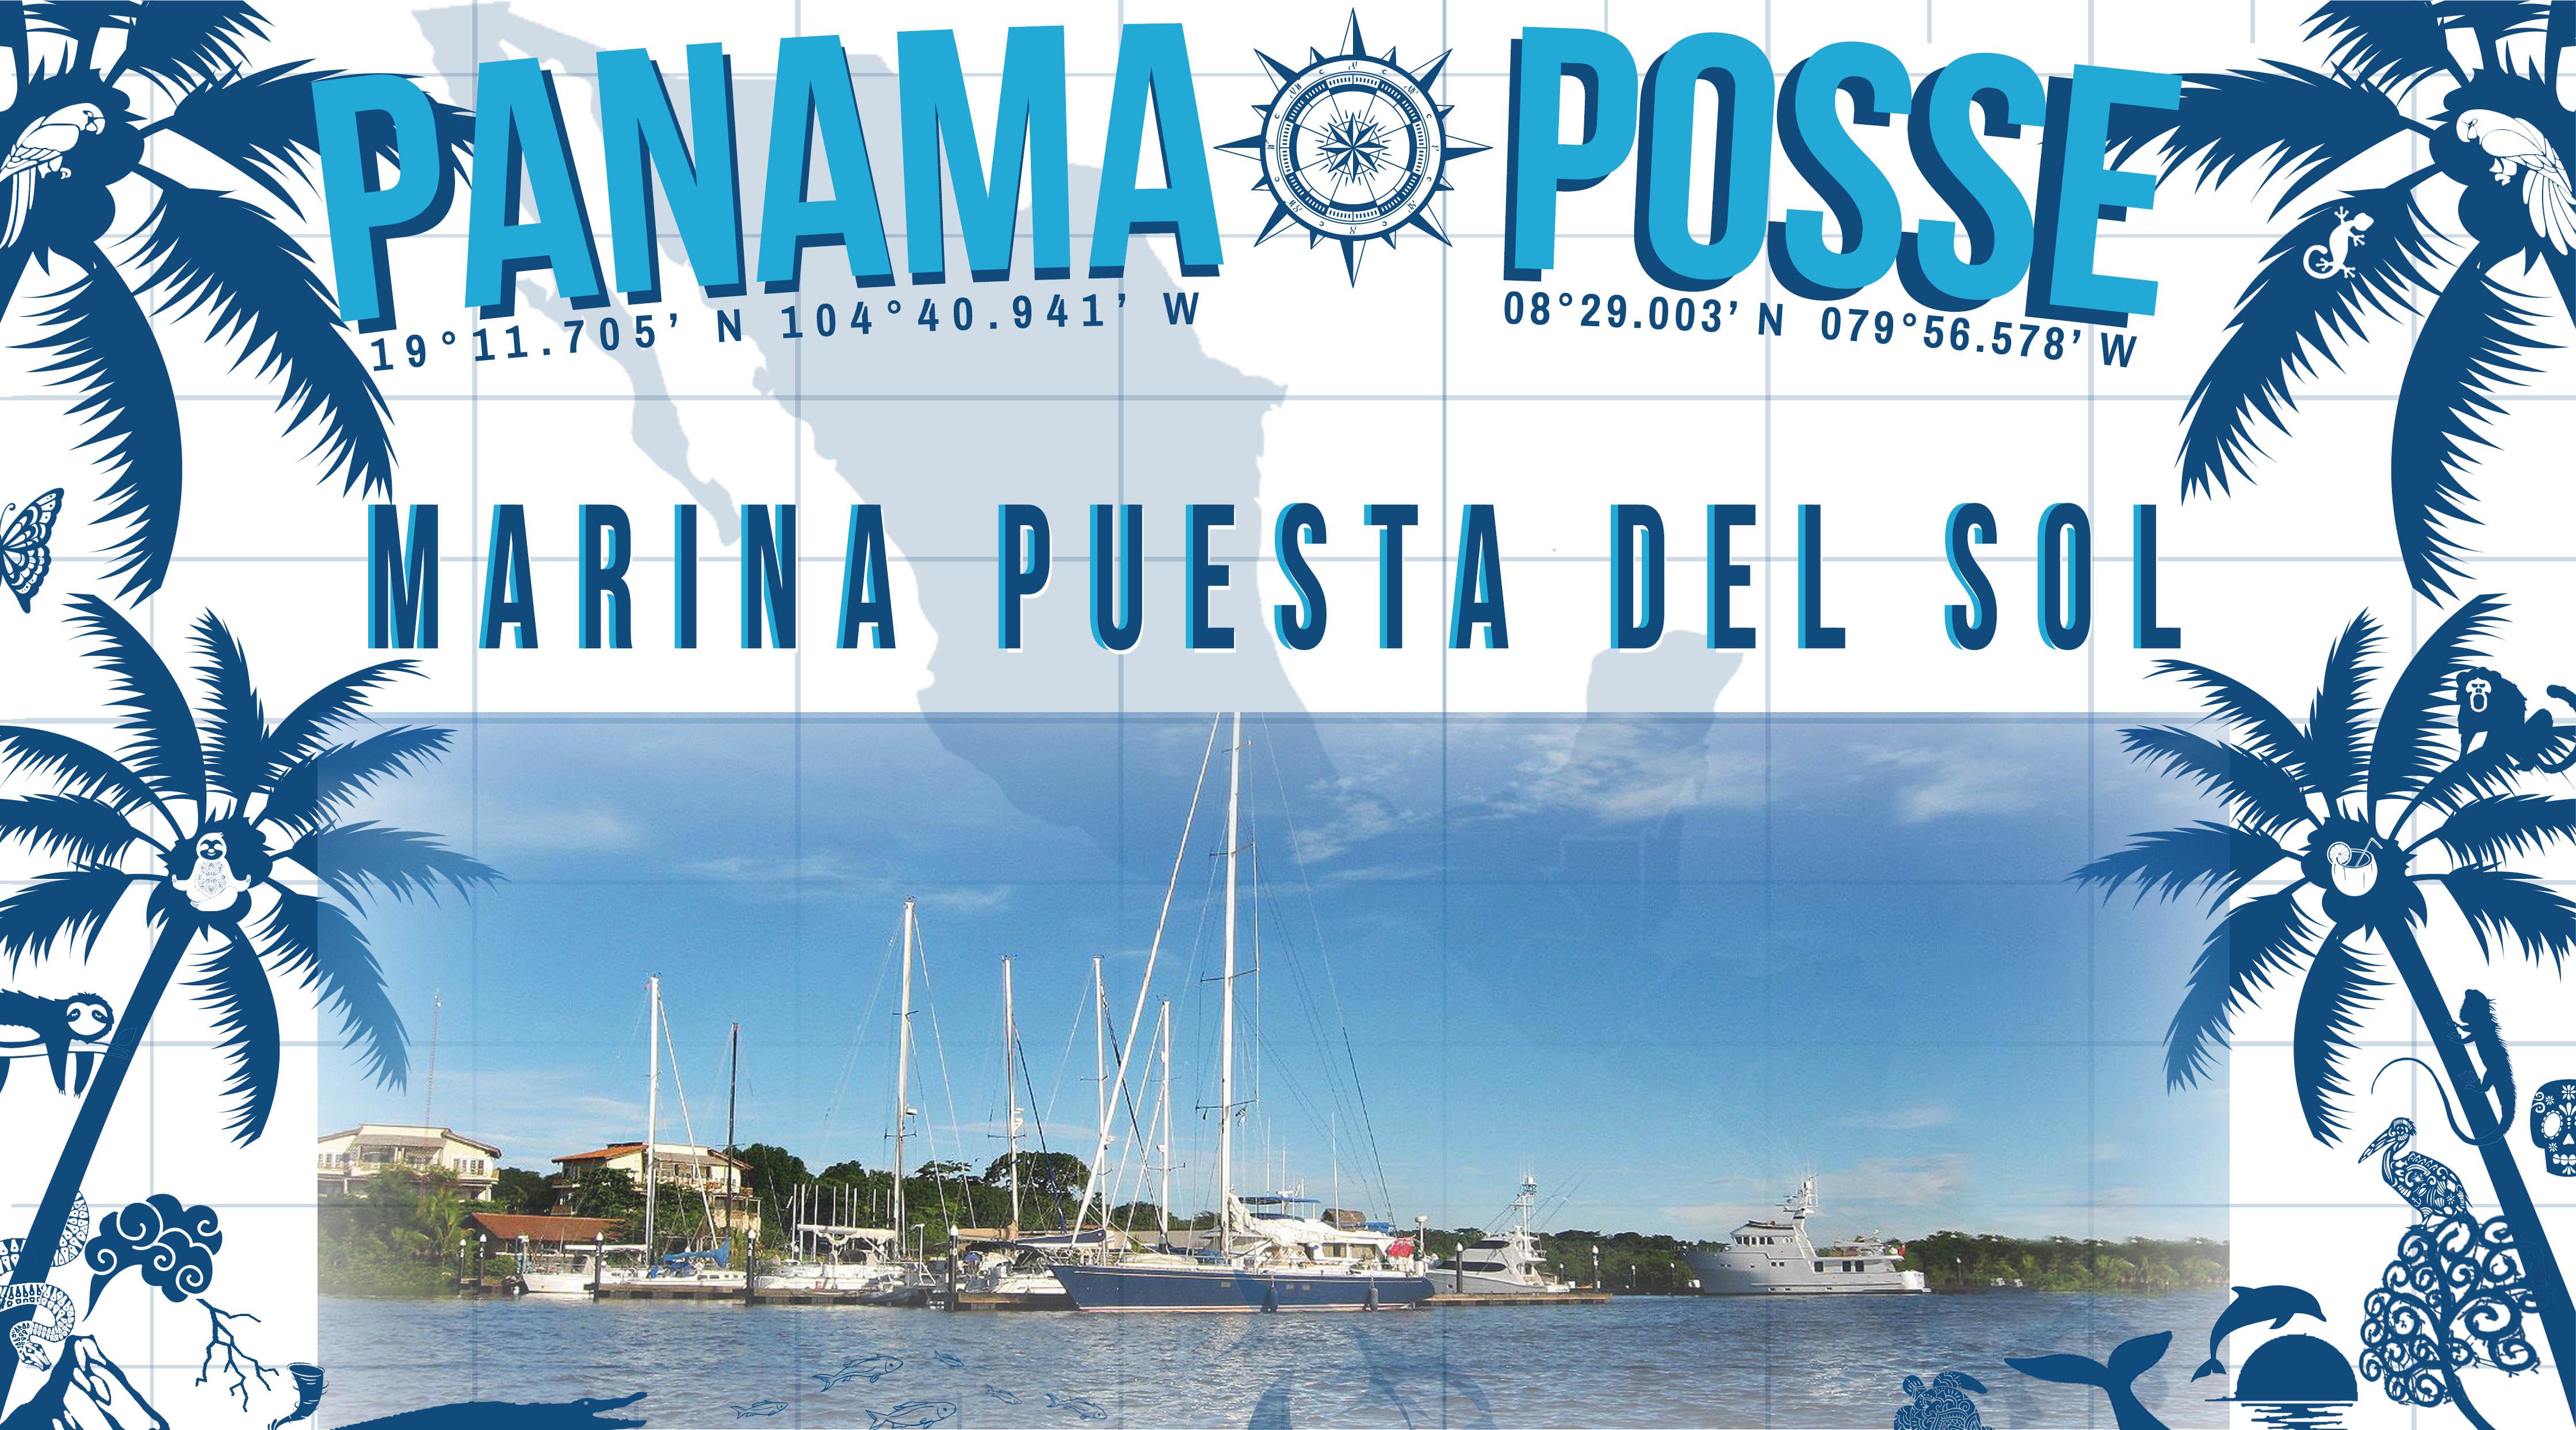 Marina Puesta del Sol Nicaragua